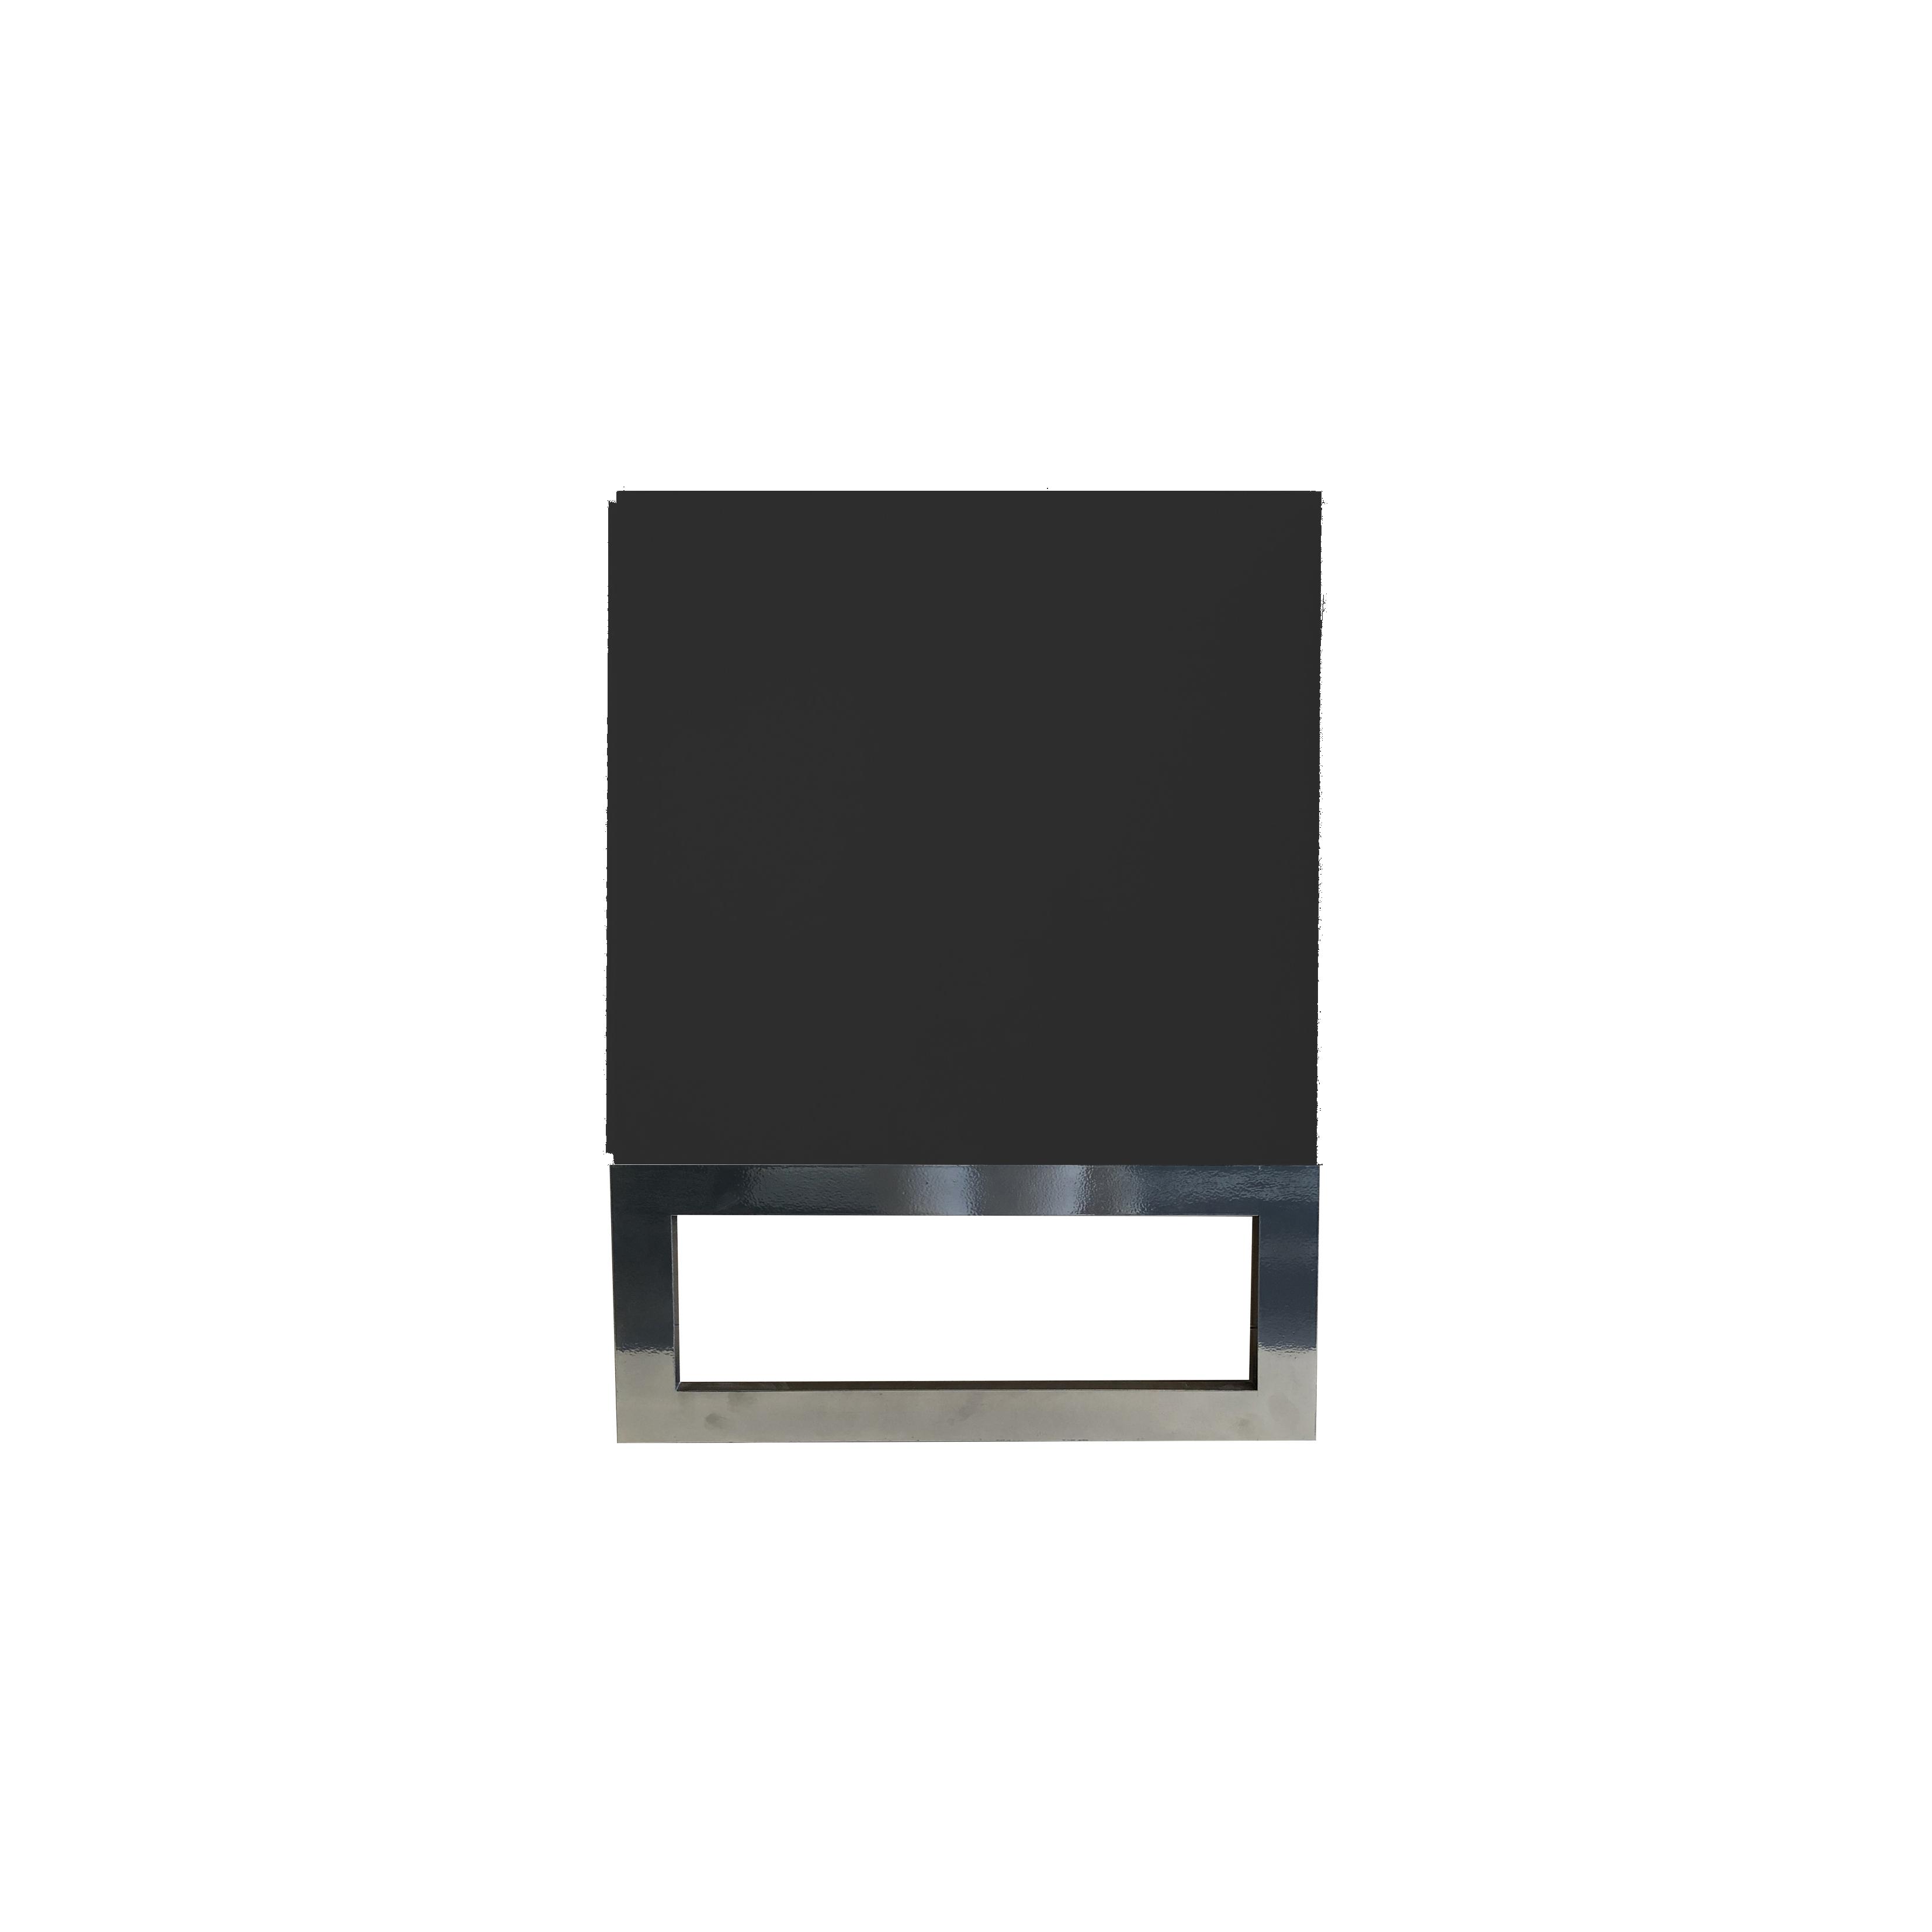 Line Byrå 6 lådor Black med benställning från sidan - englesson.se